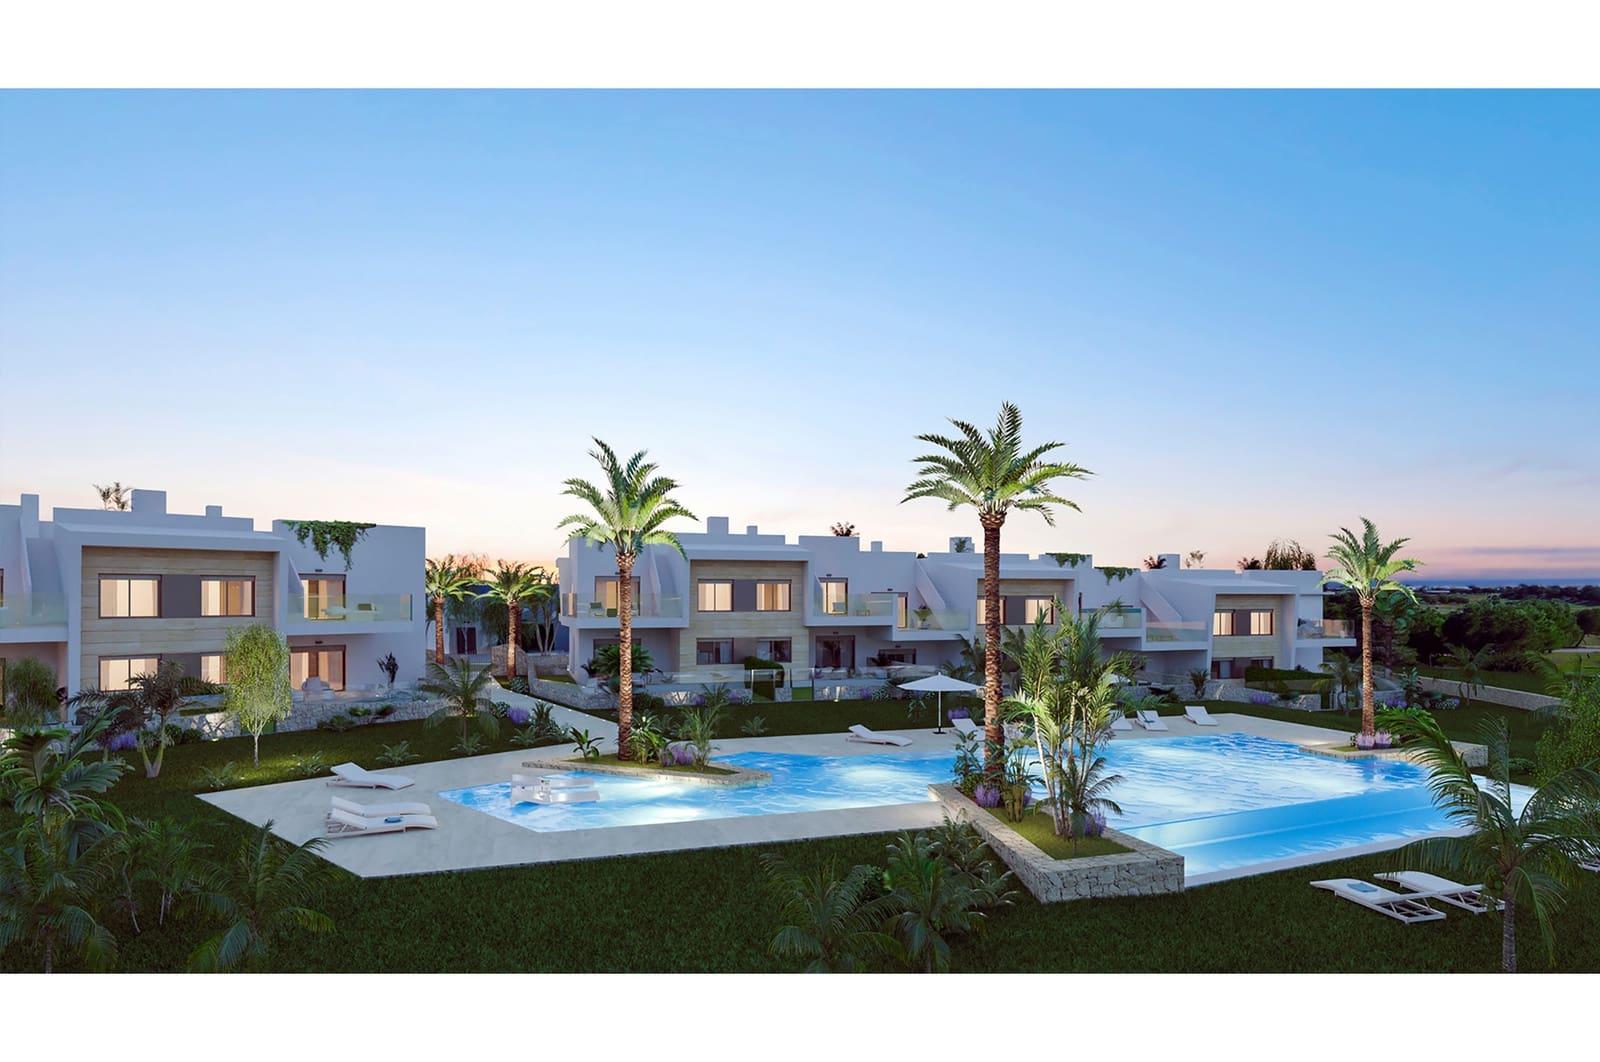 Apartamento de 3 habitaciones en Pilar de la Horadada en venta con piscina - 189.000 € (Ref: 5038699)